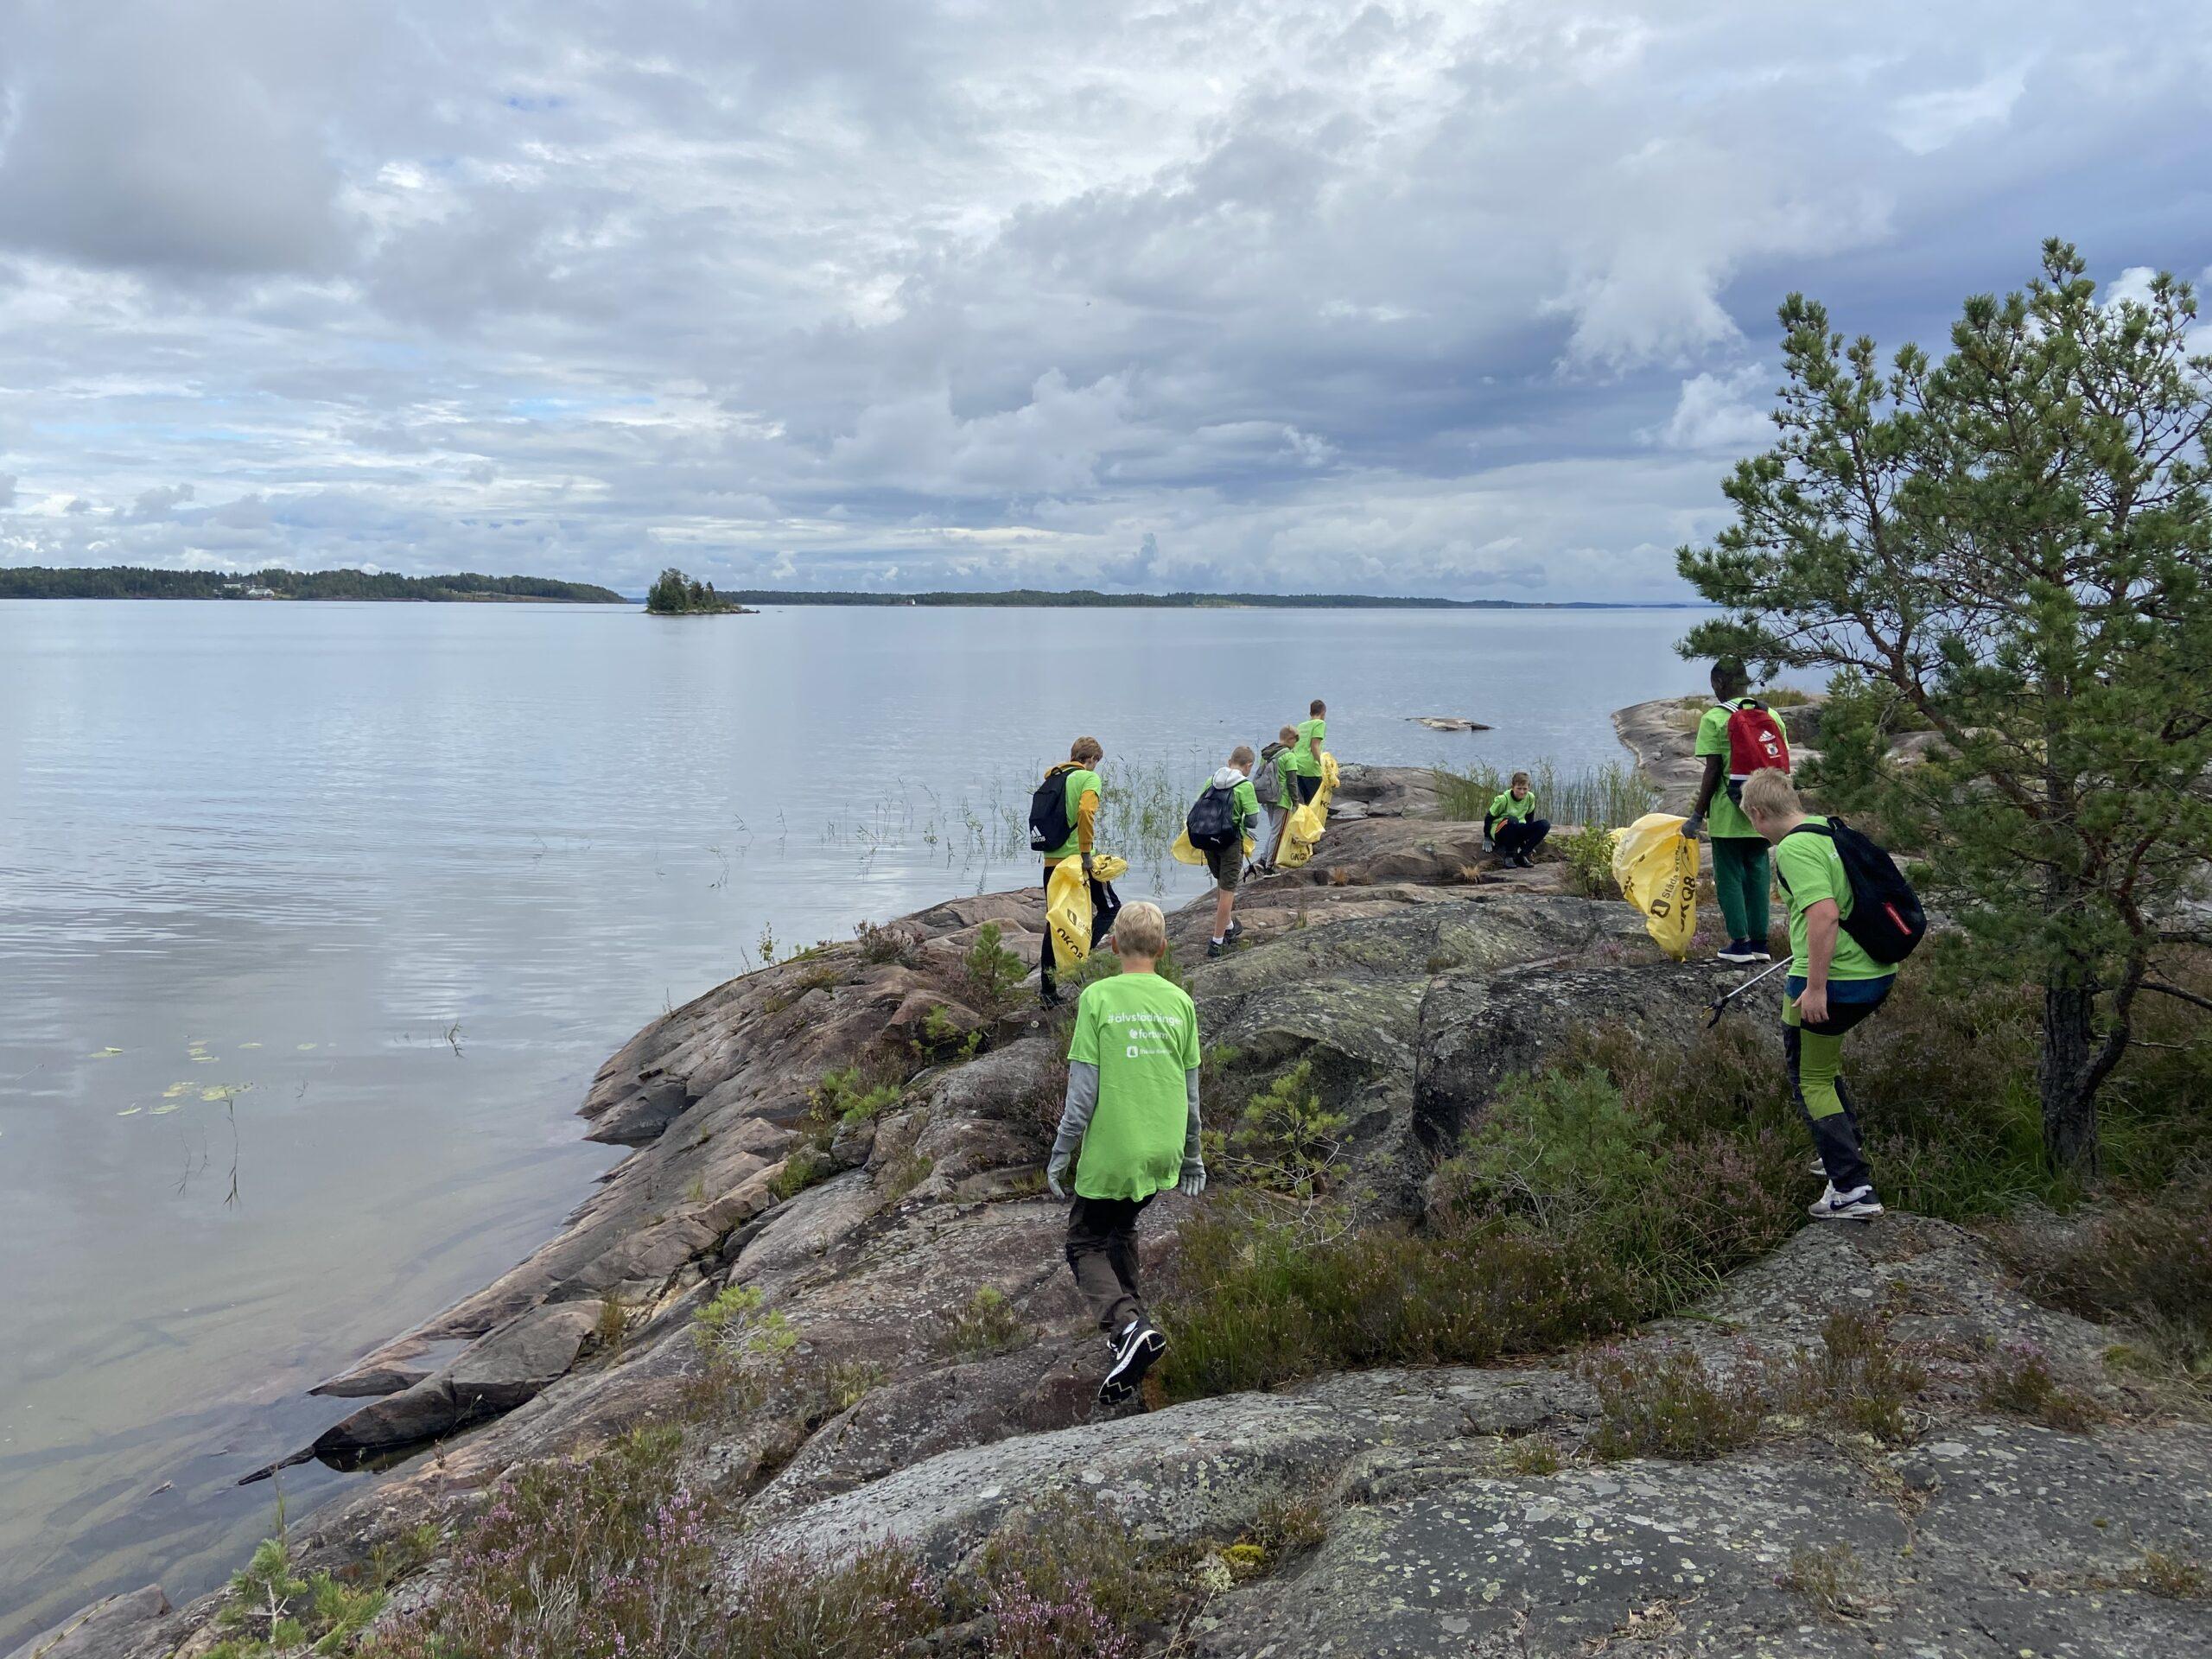 Rekordmånga idrottsungdomar städar svenska älvar efter ökad nedskräpning